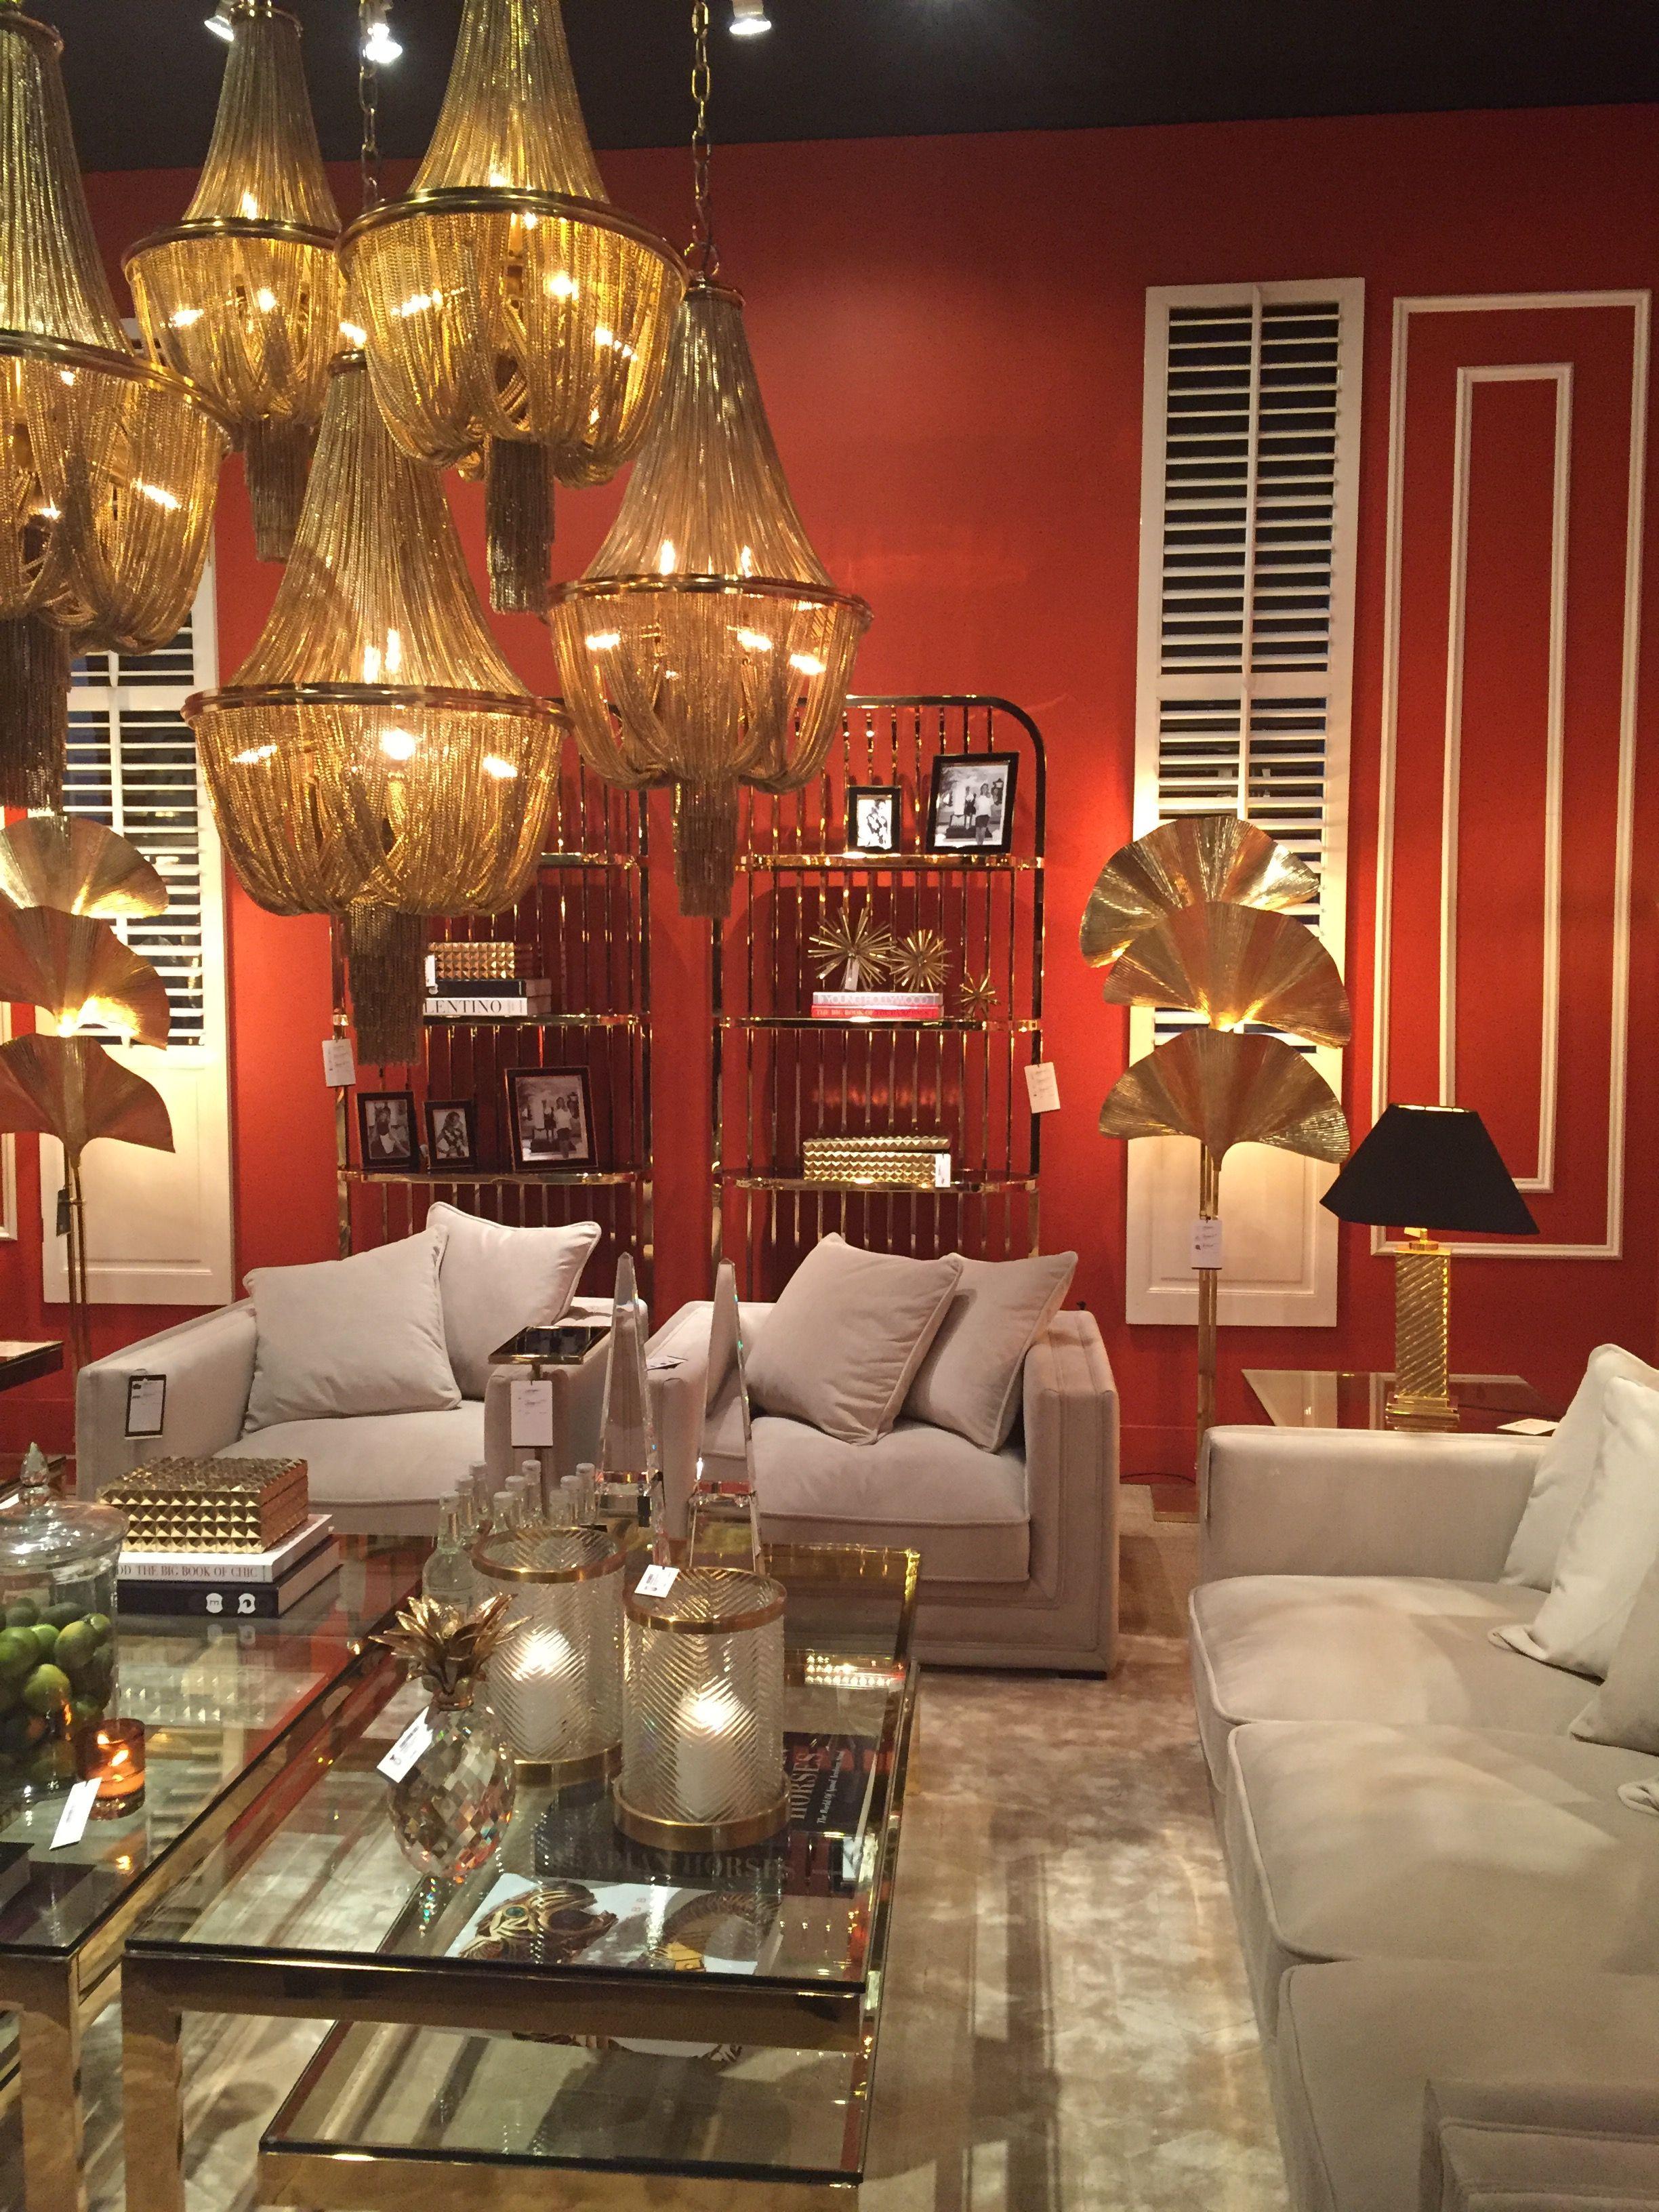 Дизайн интерьера Гостинная столик, люстра из цепочек, диван Красный ...